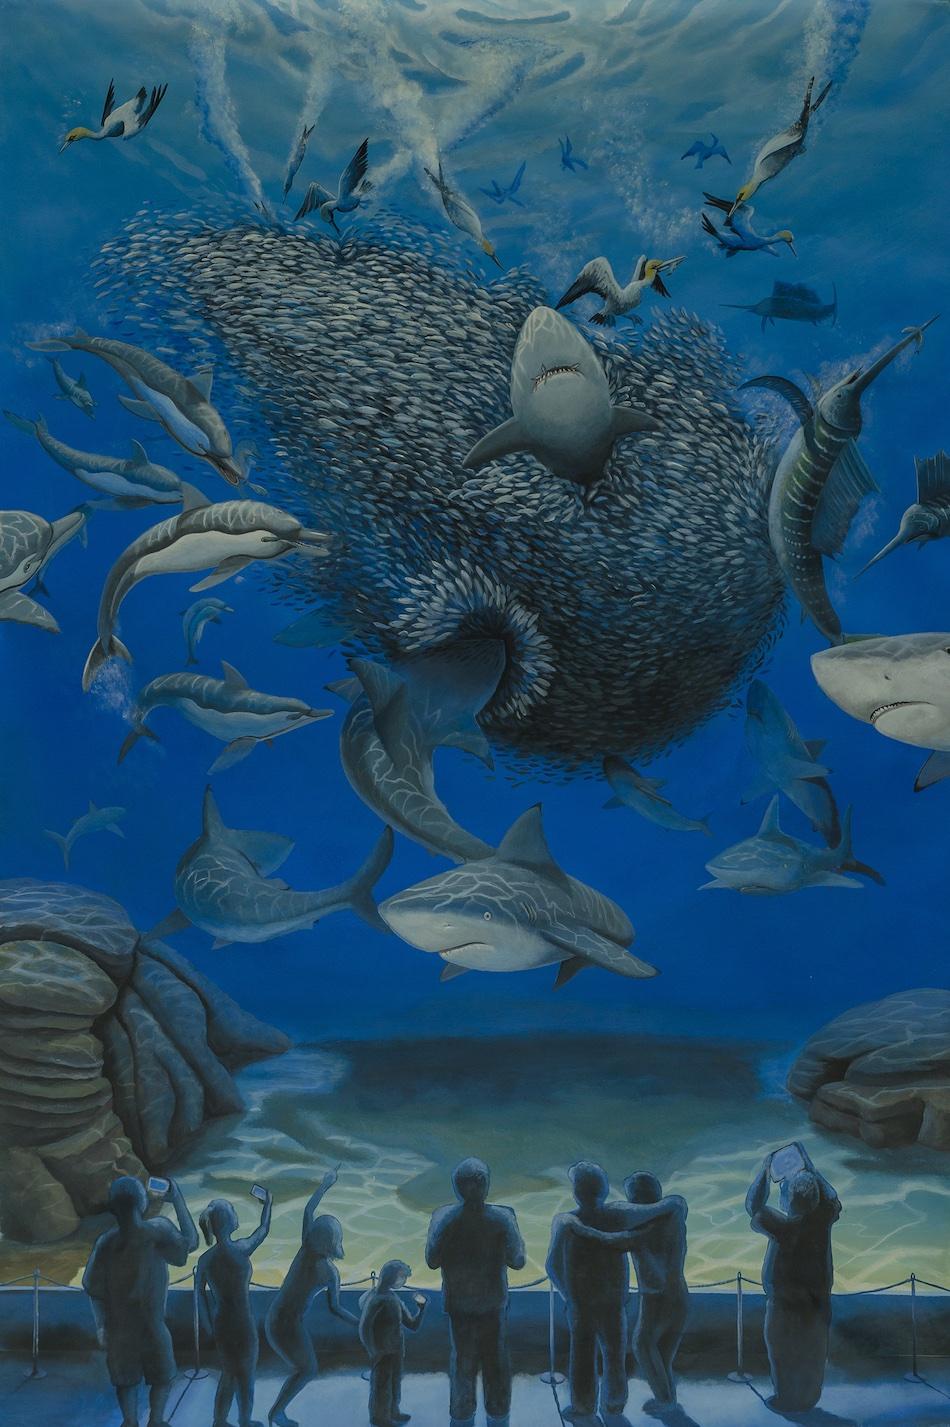 Genocide-stefano-gentile-sardines-profughi-immigrazione-aquarium-art-pop